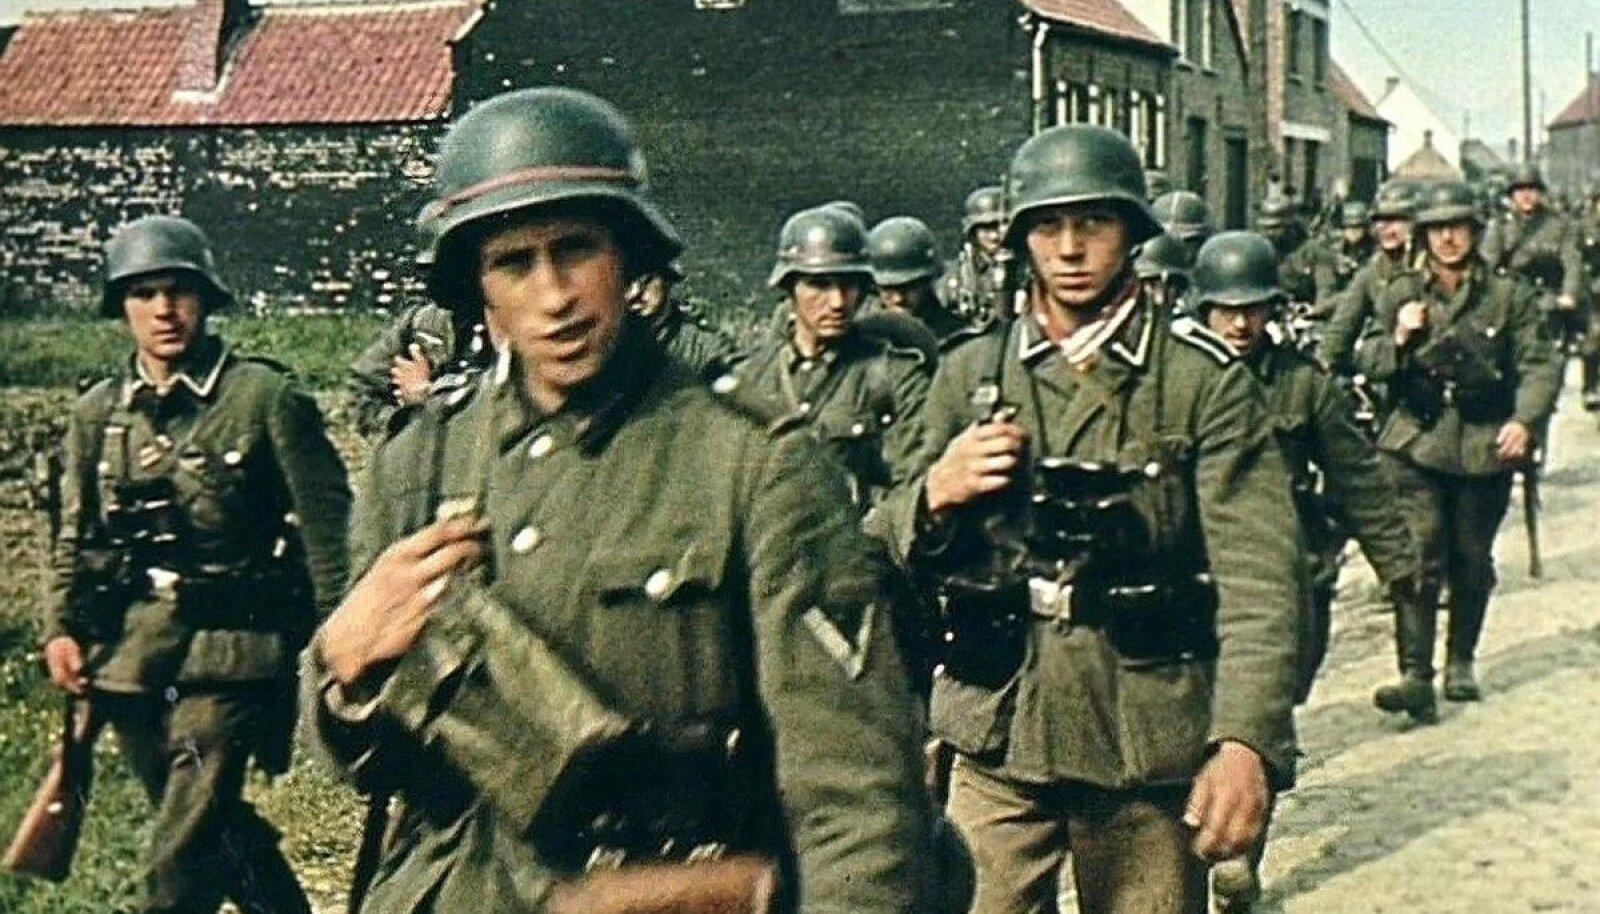 Немецкие солдаты на марше